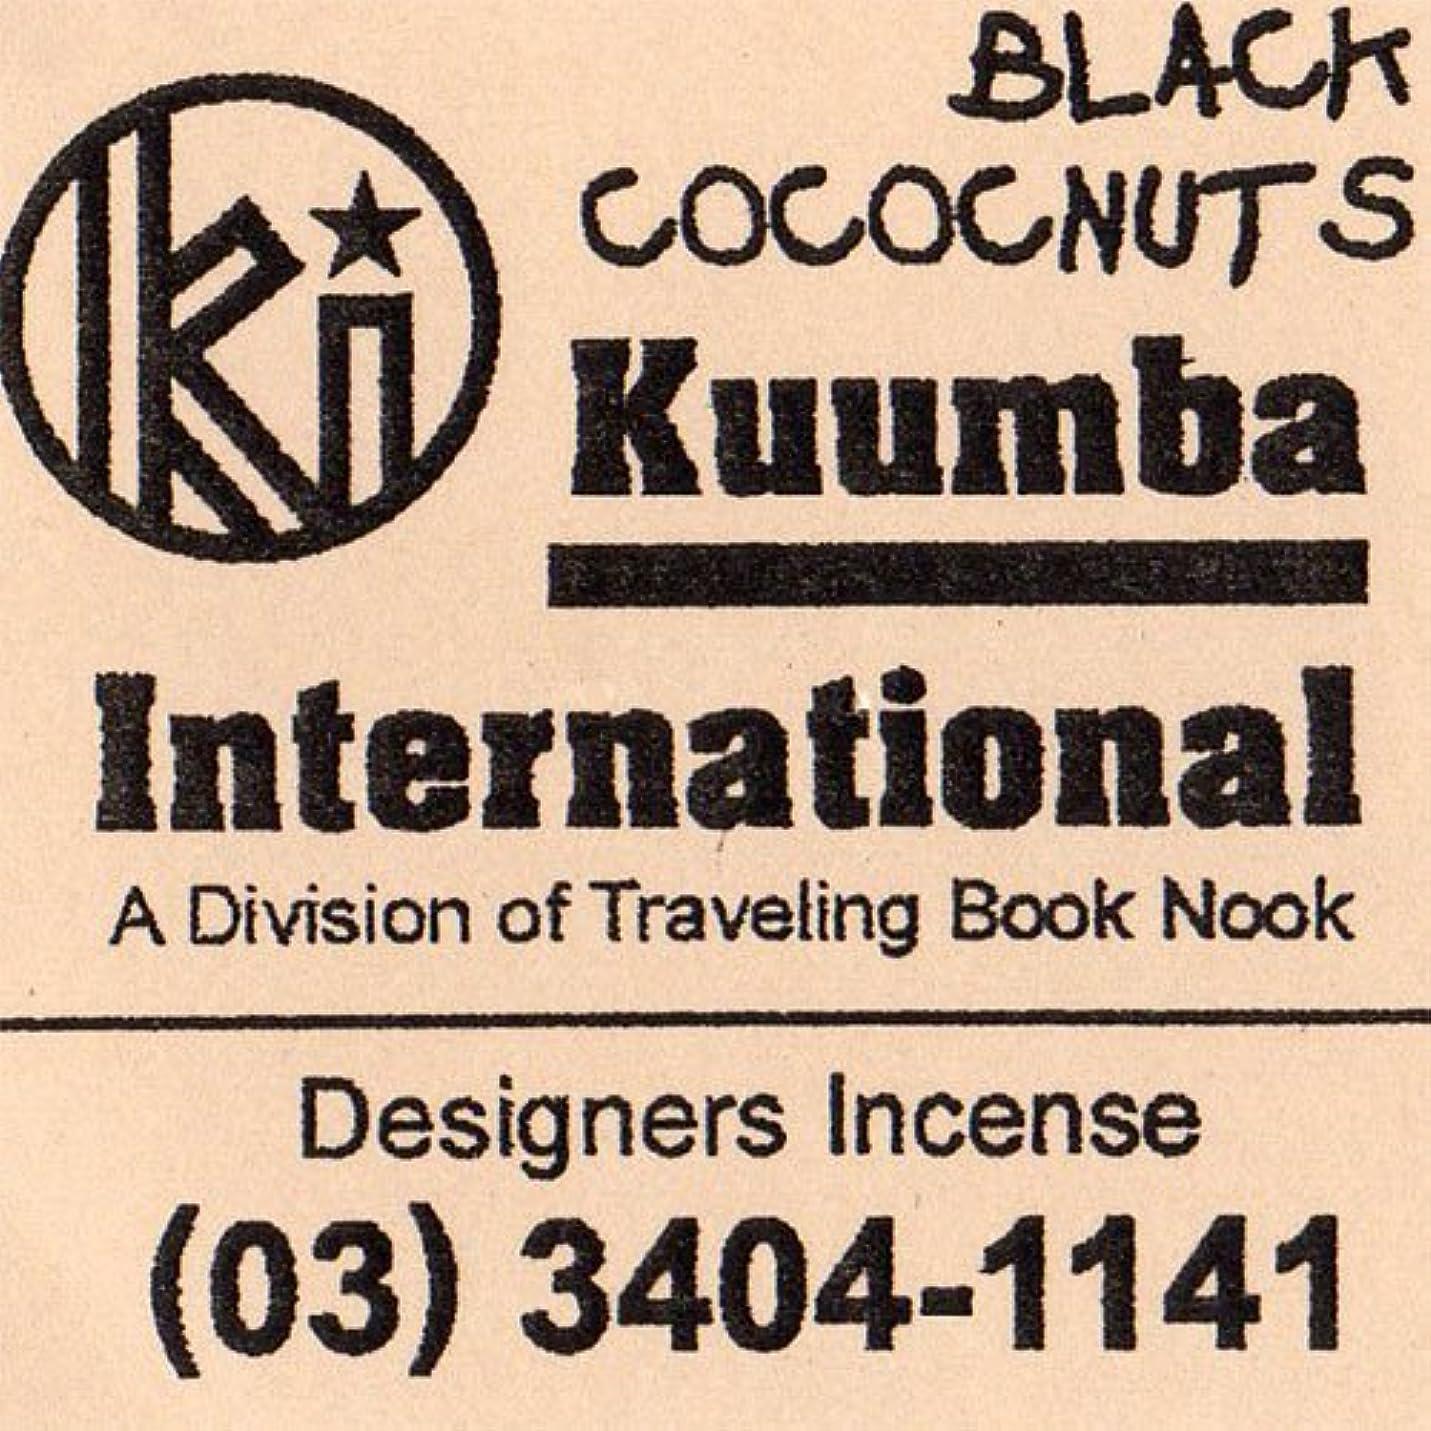 植物学者翻訳するすべてKUUMBA / クンバ『incense』(BLACK COCONUTS) (Regular size)